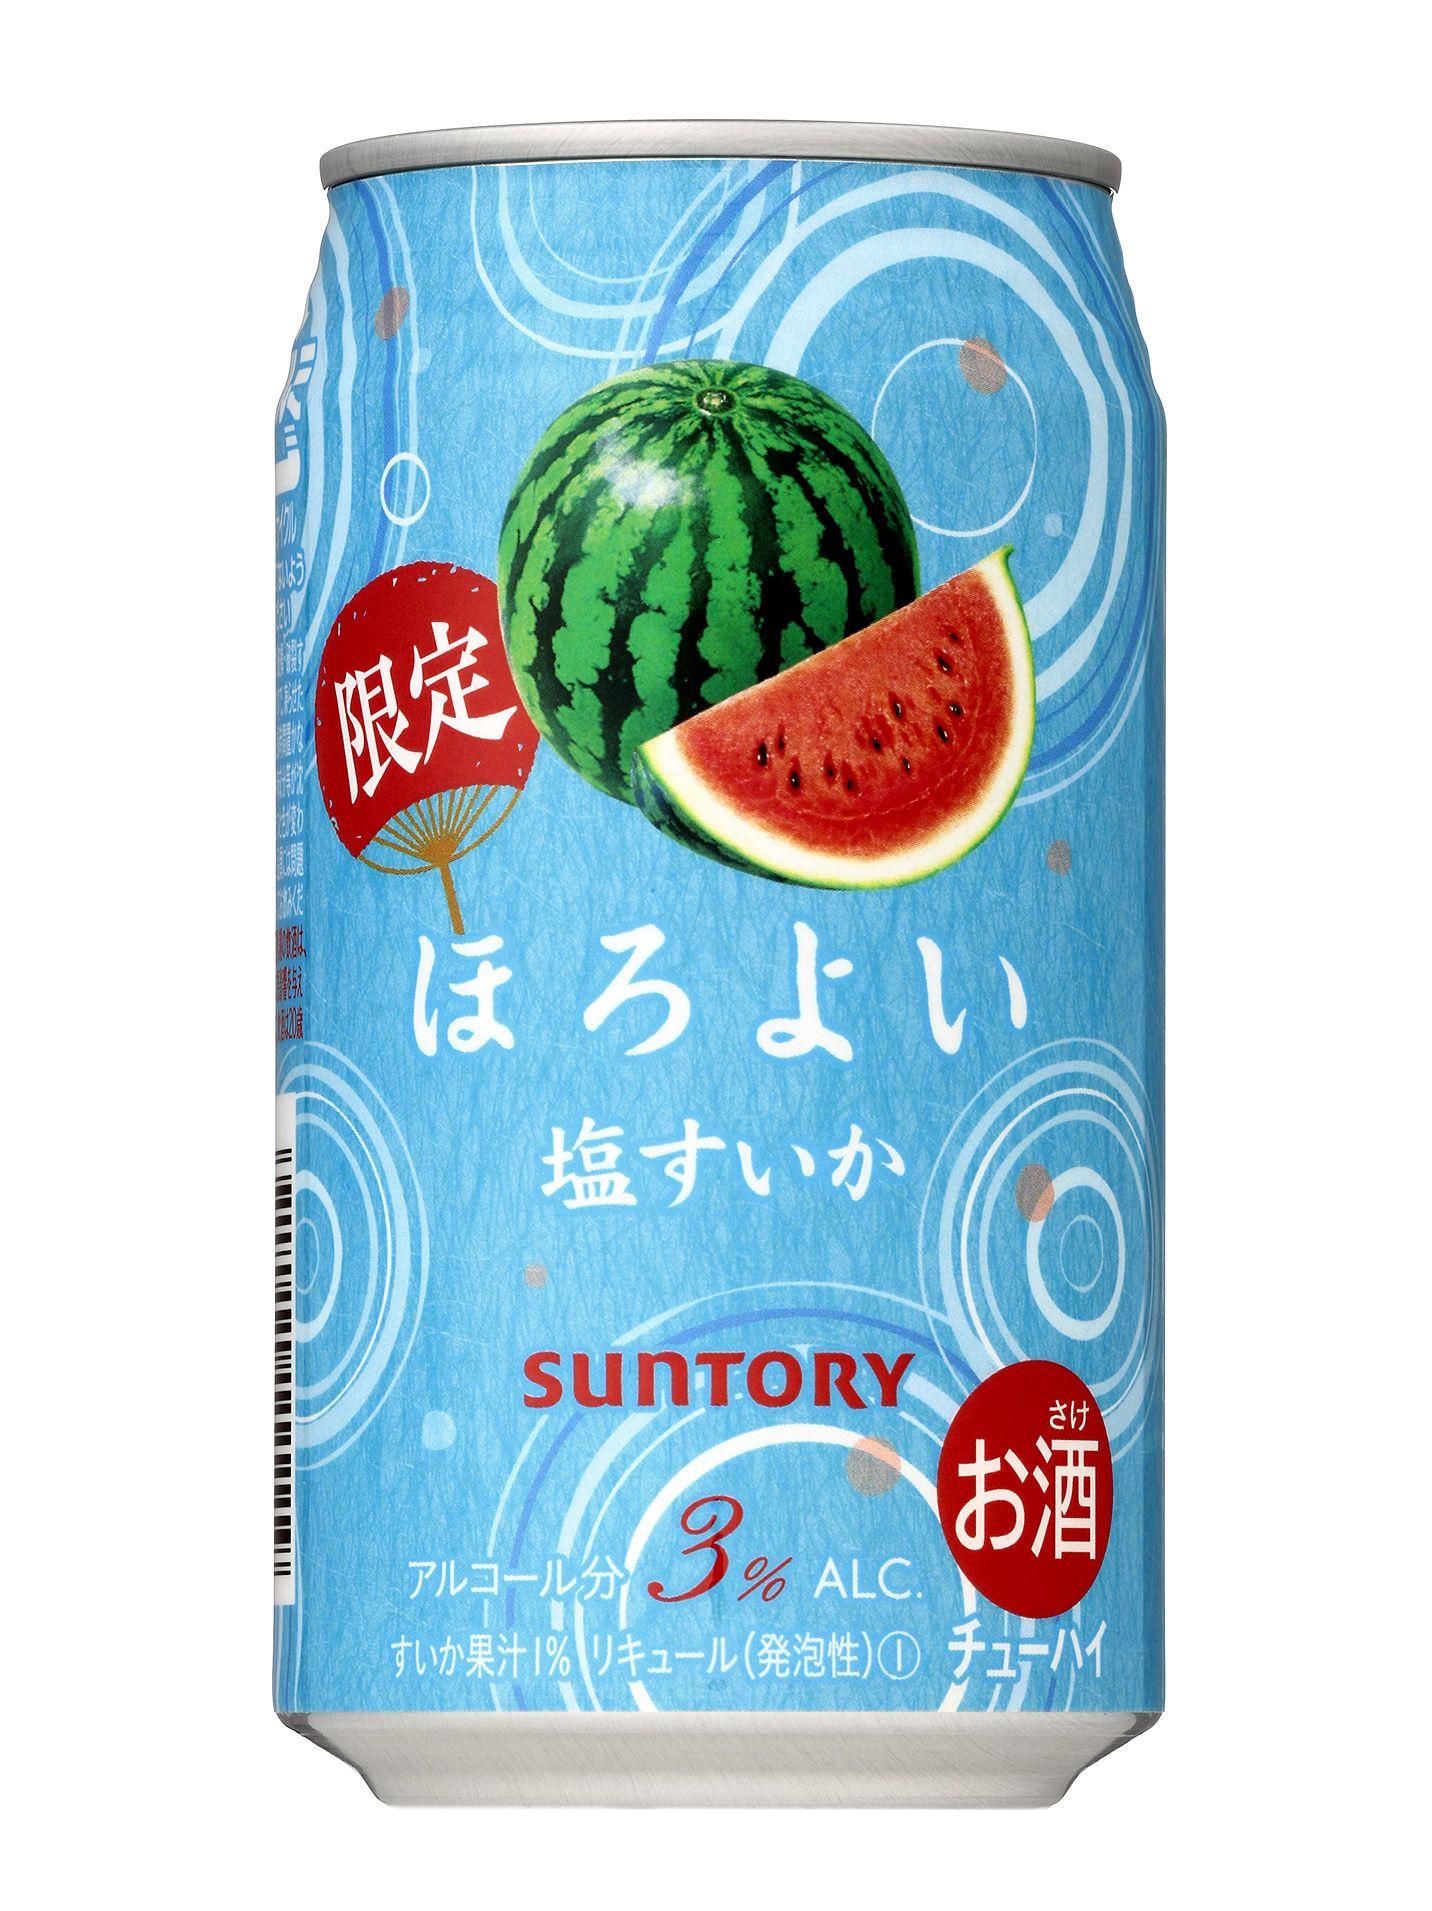 スイカ 果汁 の画像検索結果 画像あり スイカ 果汁